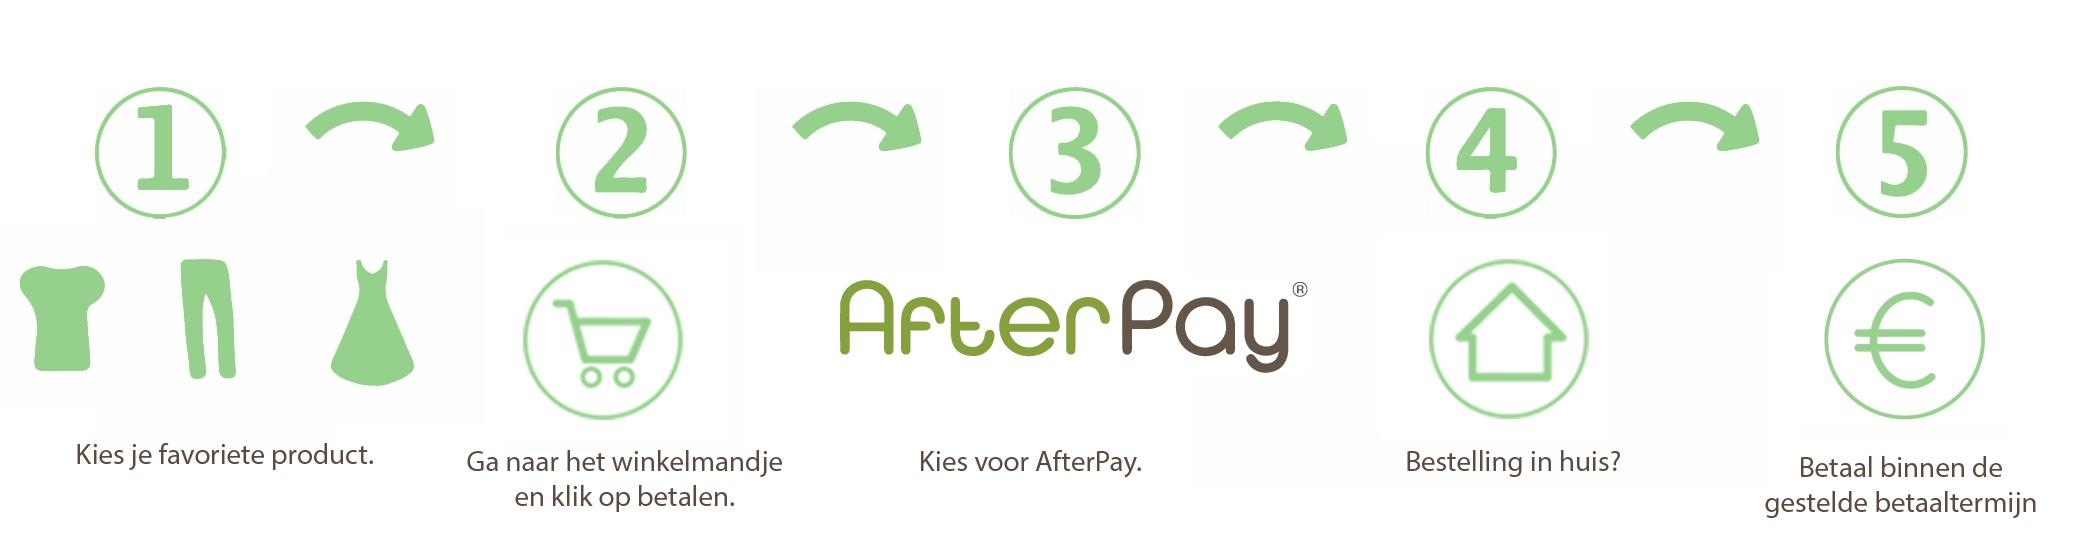 AfterPay - hoe het werkt